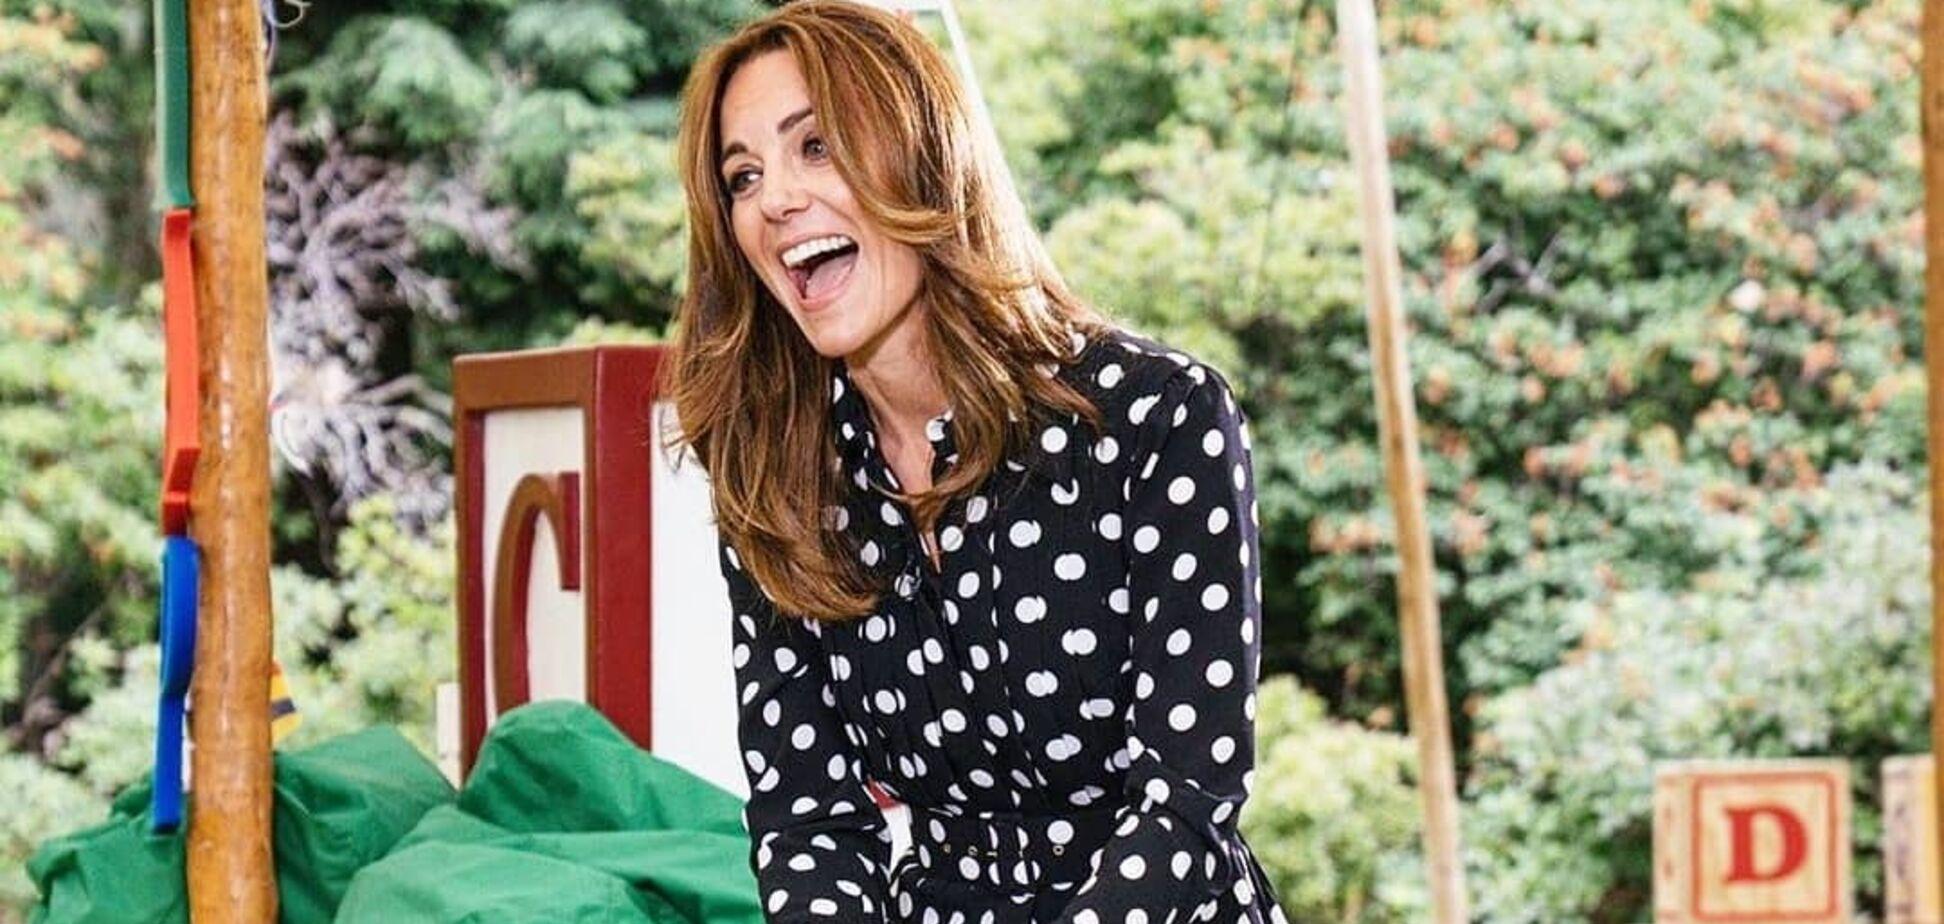 Кейт Міддлтон нарвалася на критику в Британії через дороге вбрання